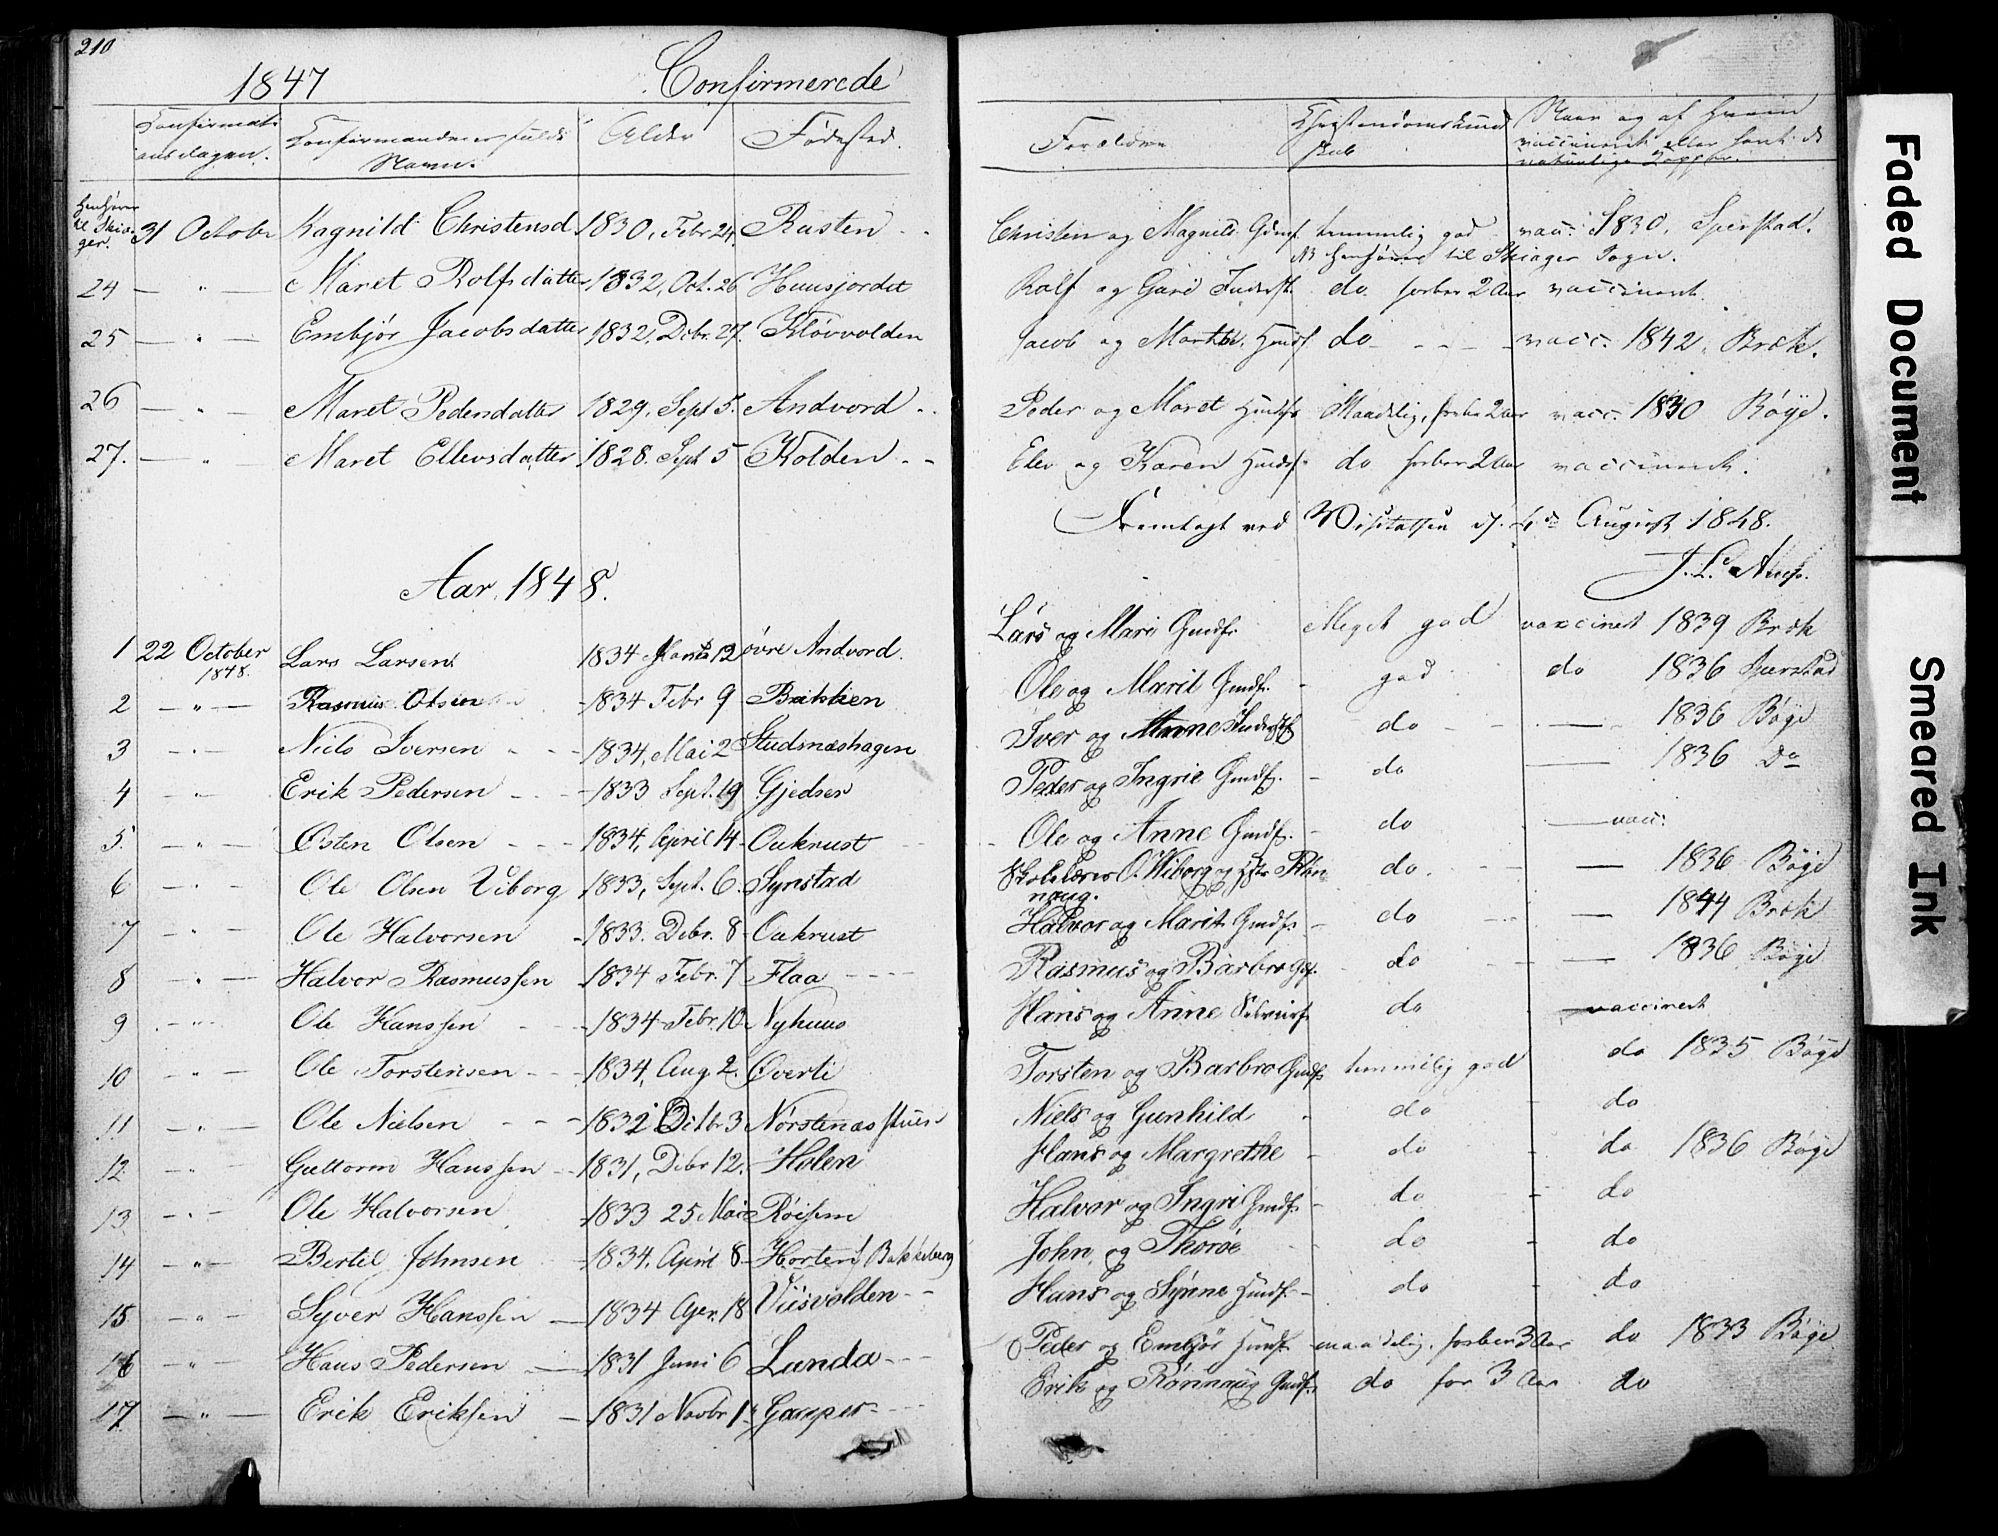 SAH, Lom prestekontor, L/L0012: Klokkerbok nr. 12, 1845-1873, s. 210-211